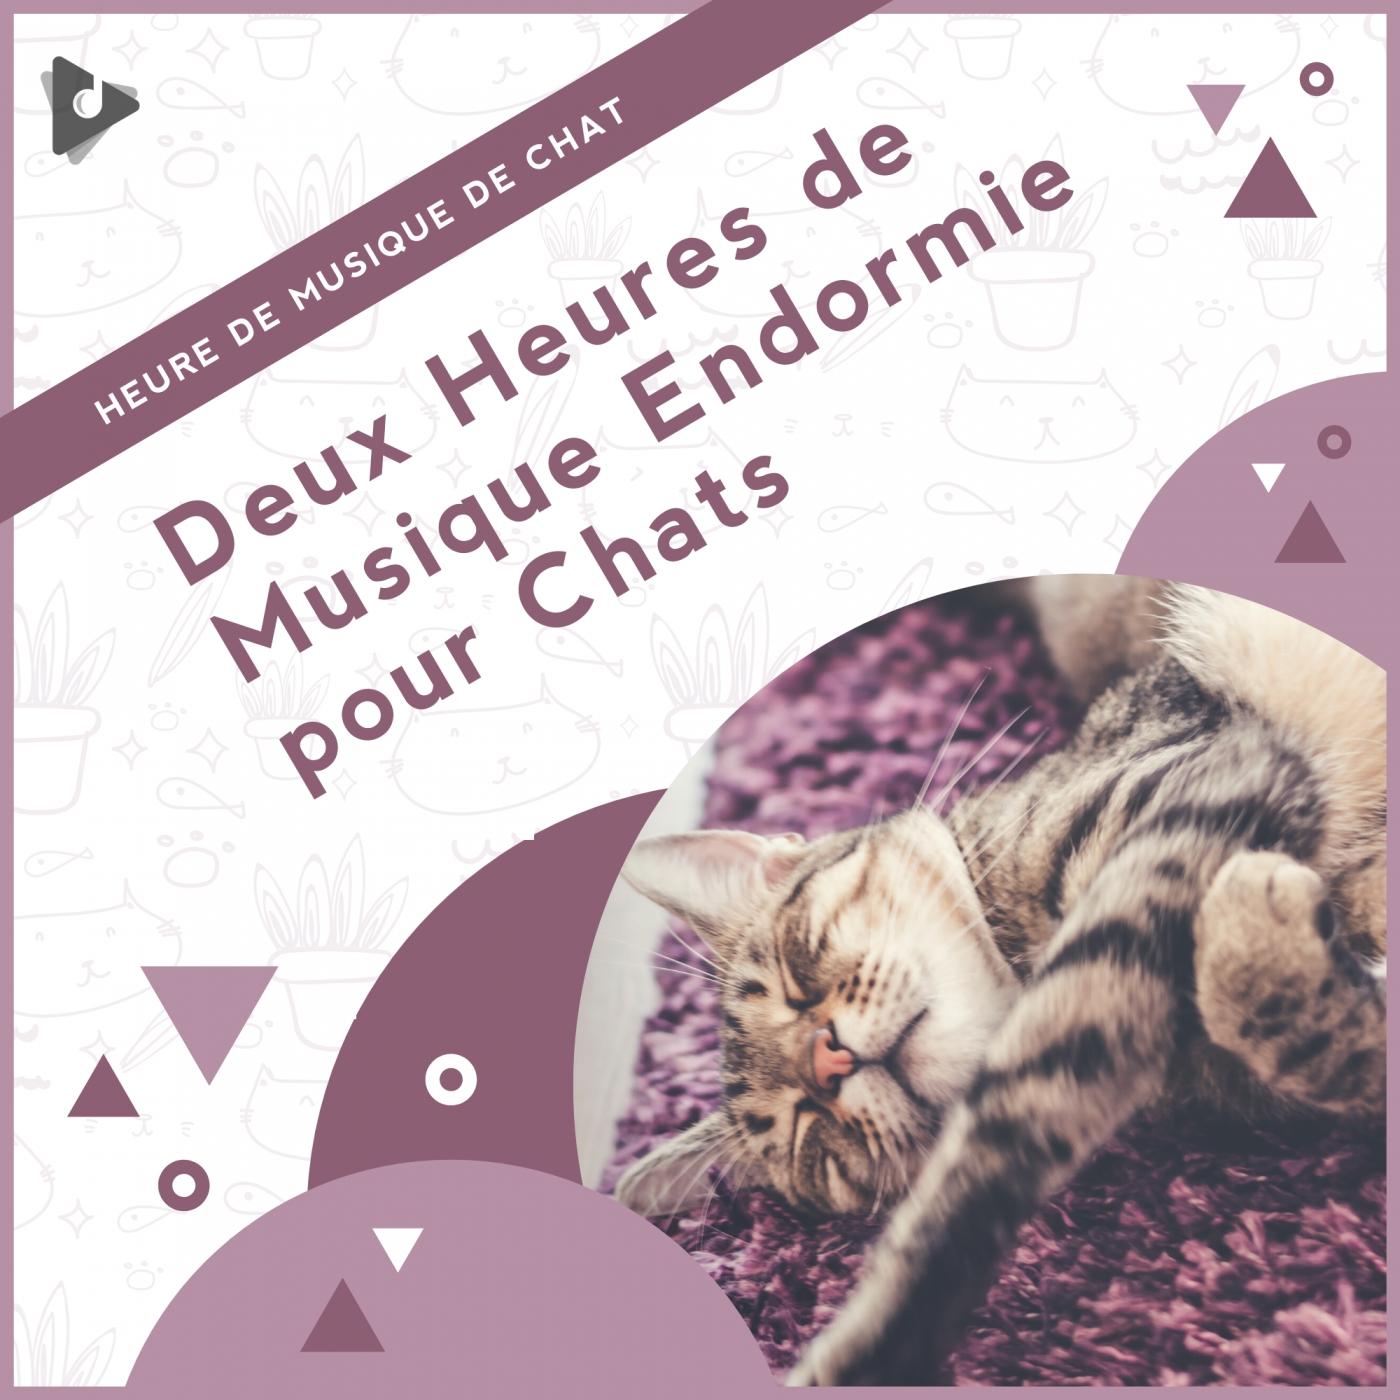 Deux Heures de Musique Endormie pour Chats